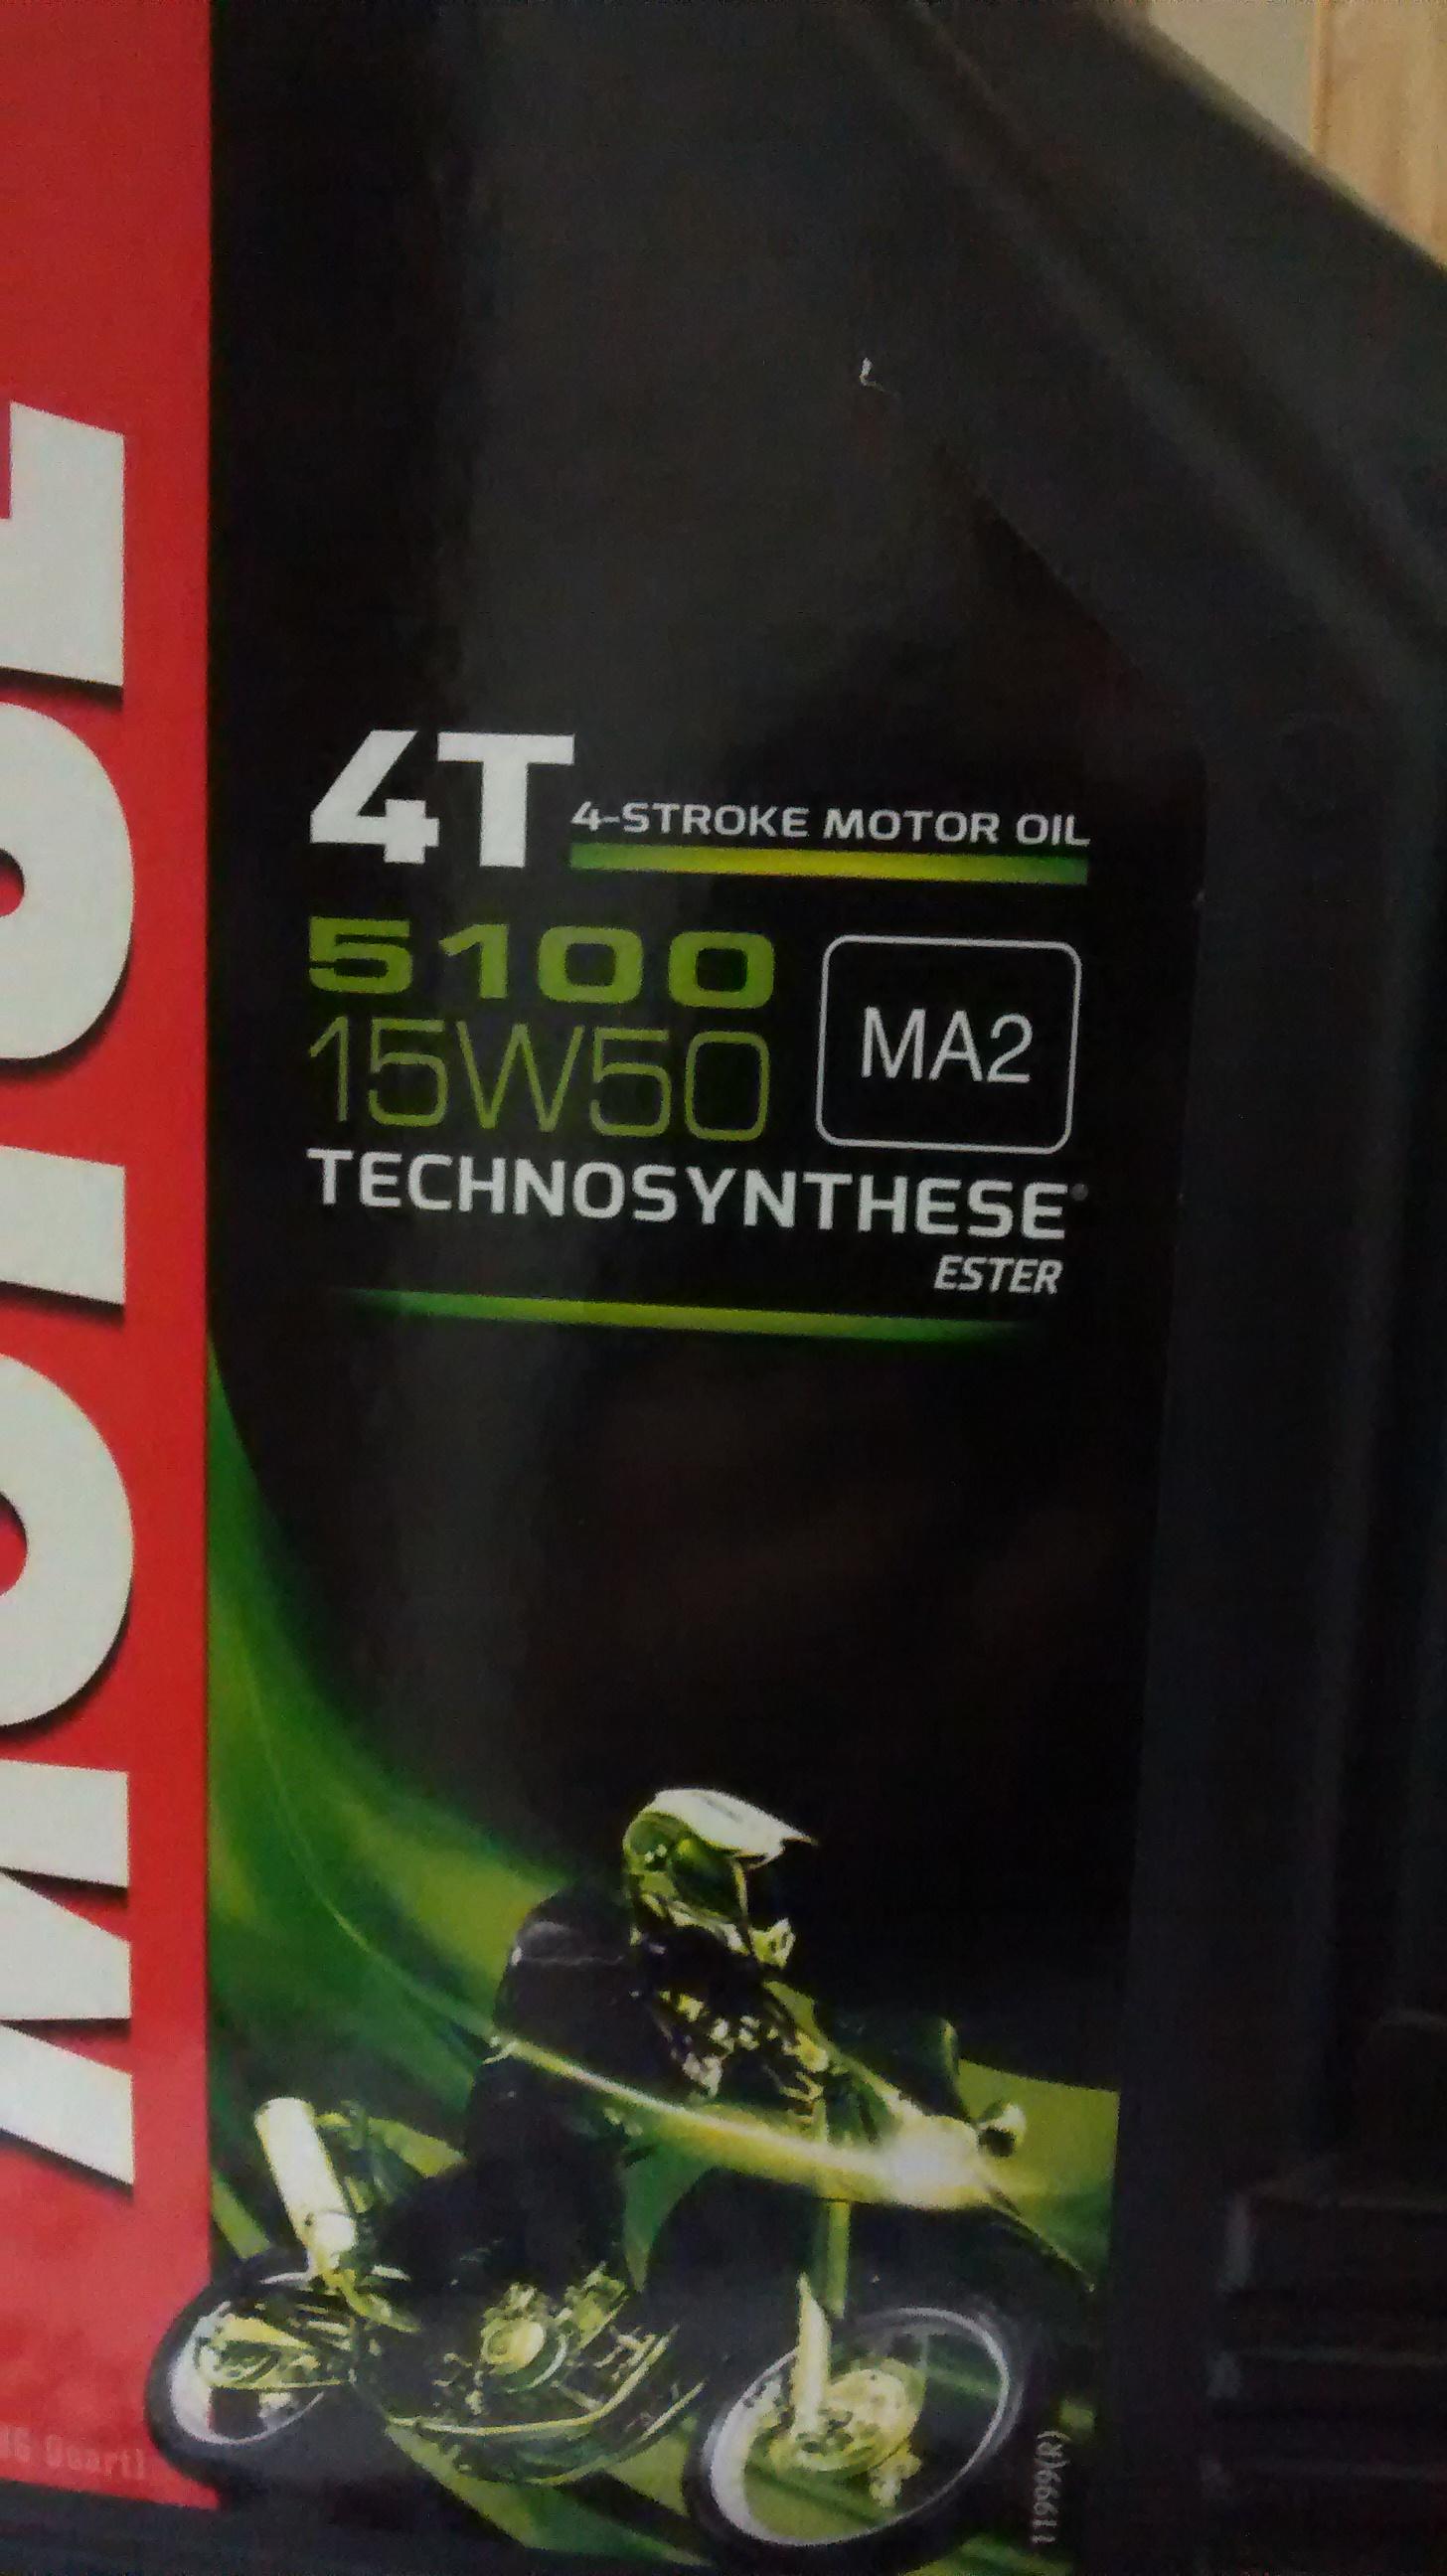 Misturar dois óleos motul 5100 15w50 MA e MA2 2122e4c9d508bd078d5f7bfbed2bb6389d4de586